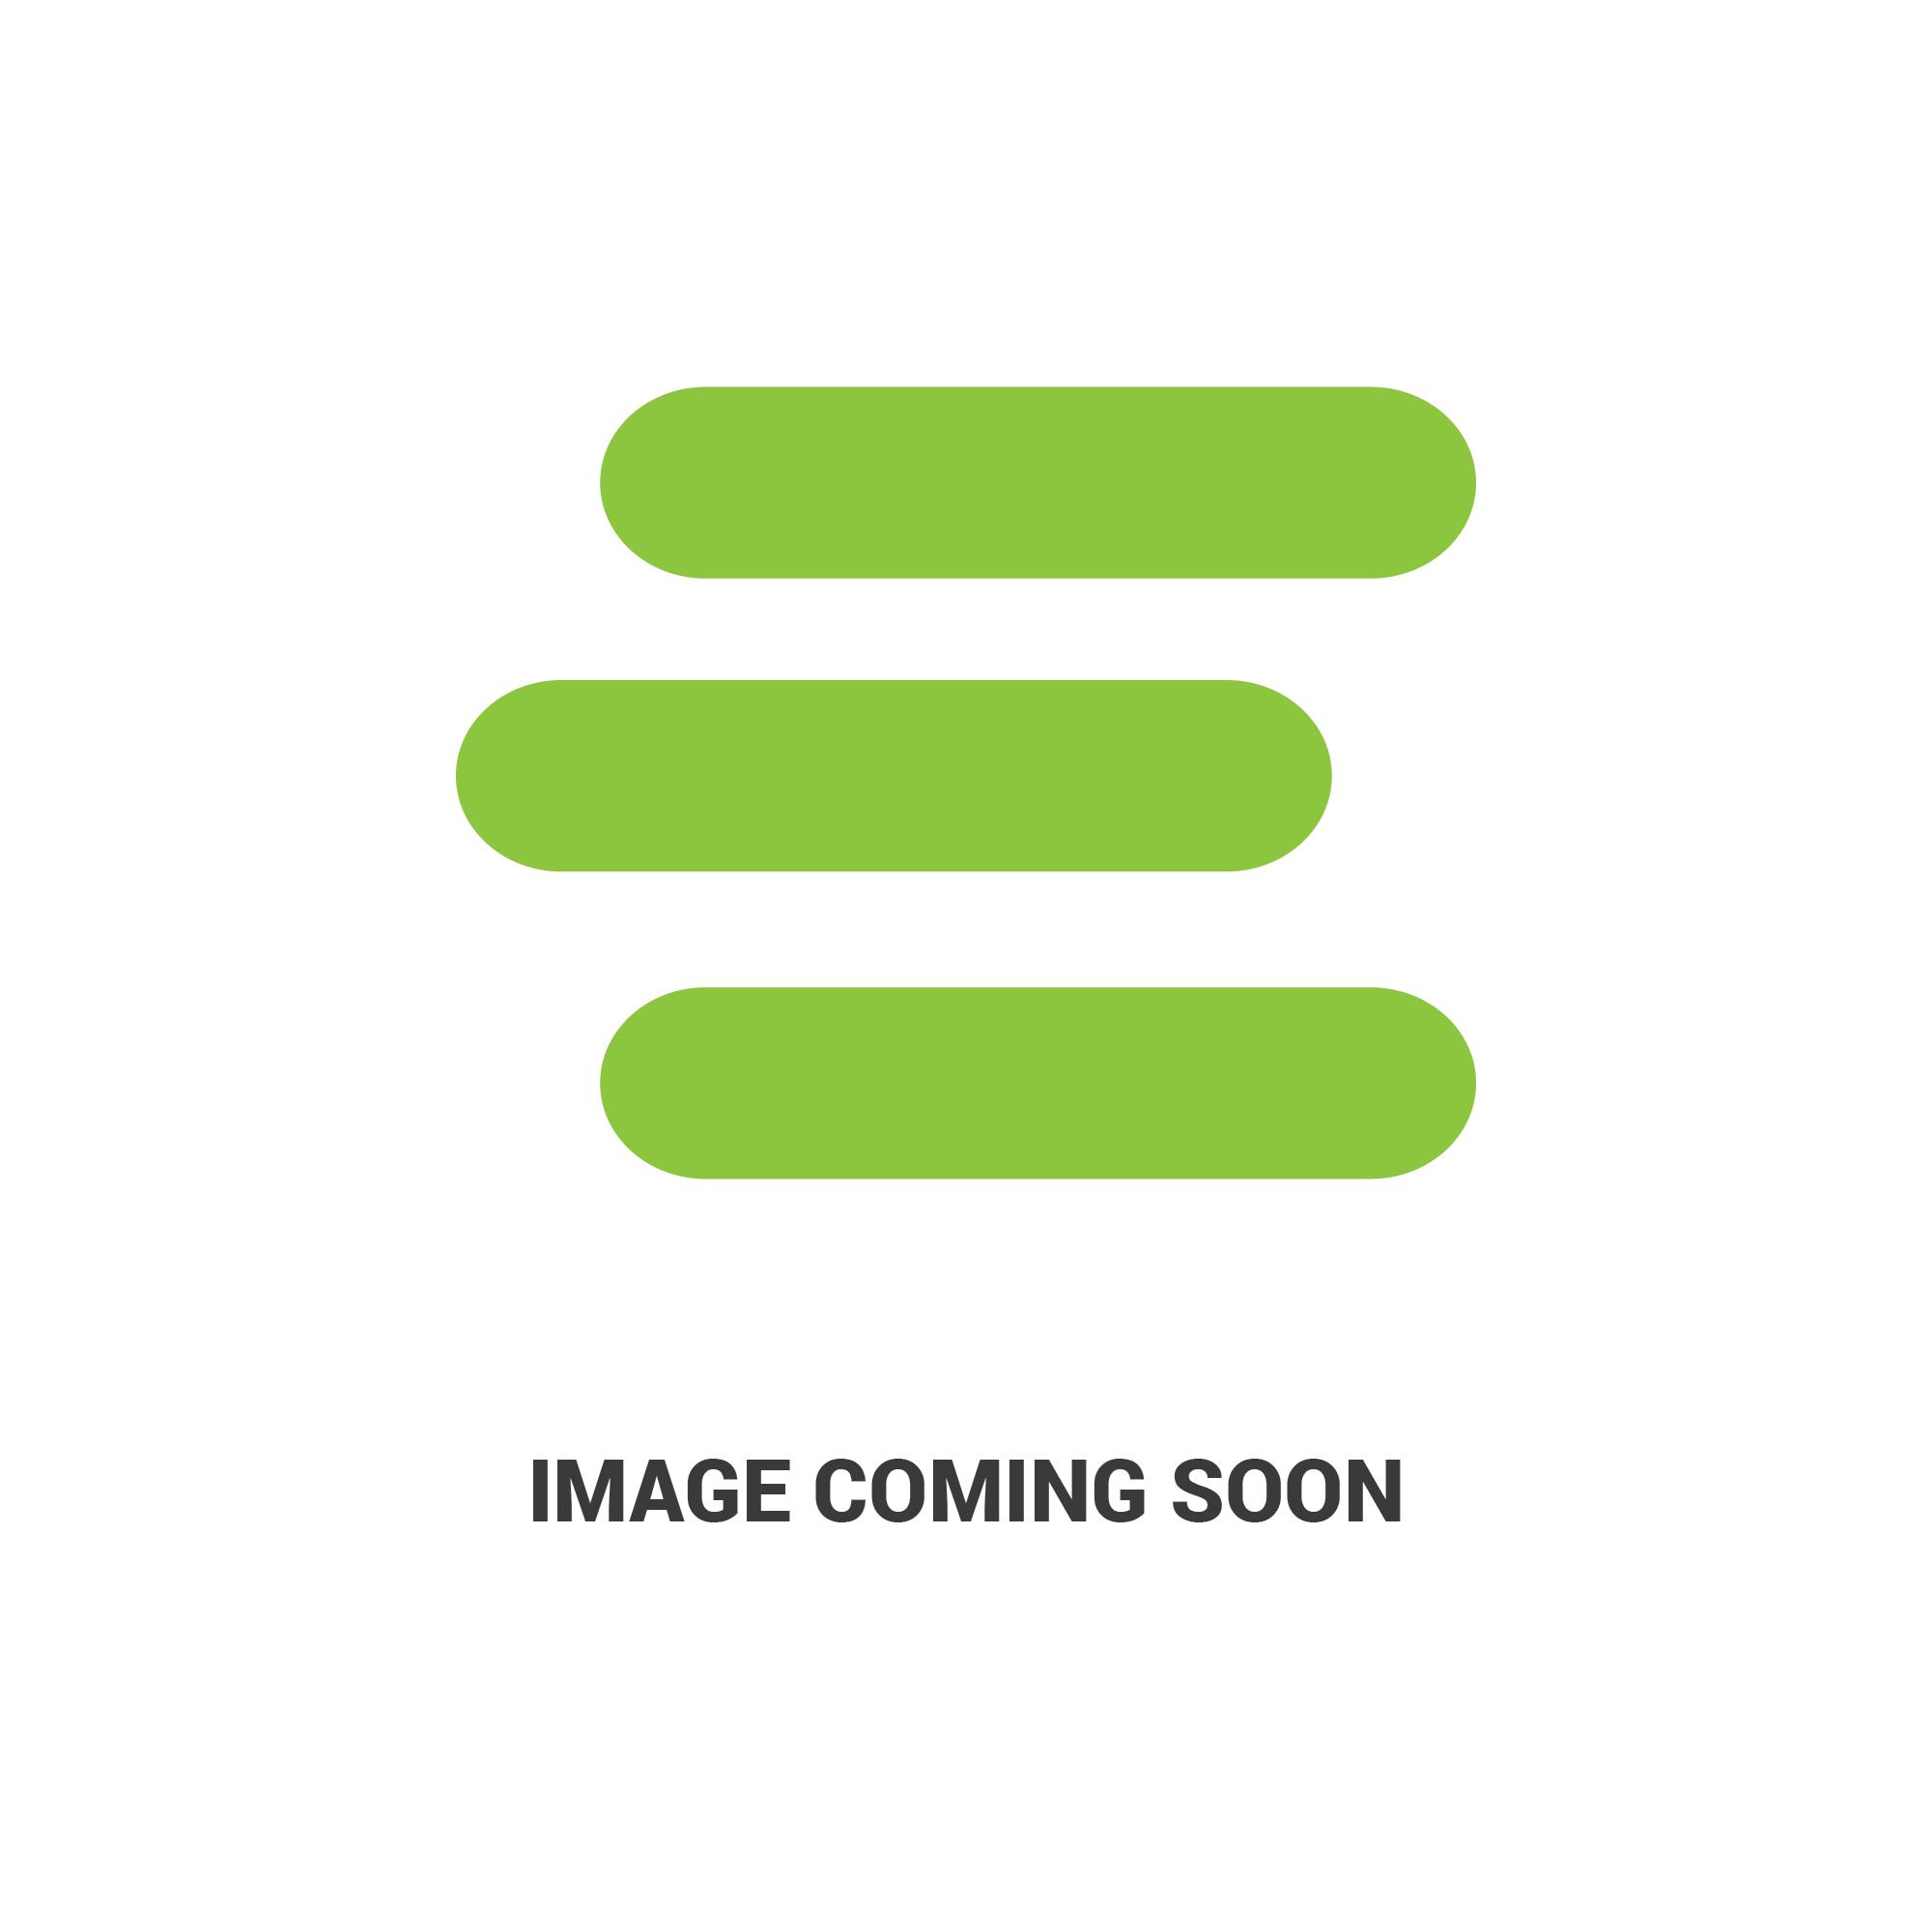 E-T0430-32370edit 2.jpg